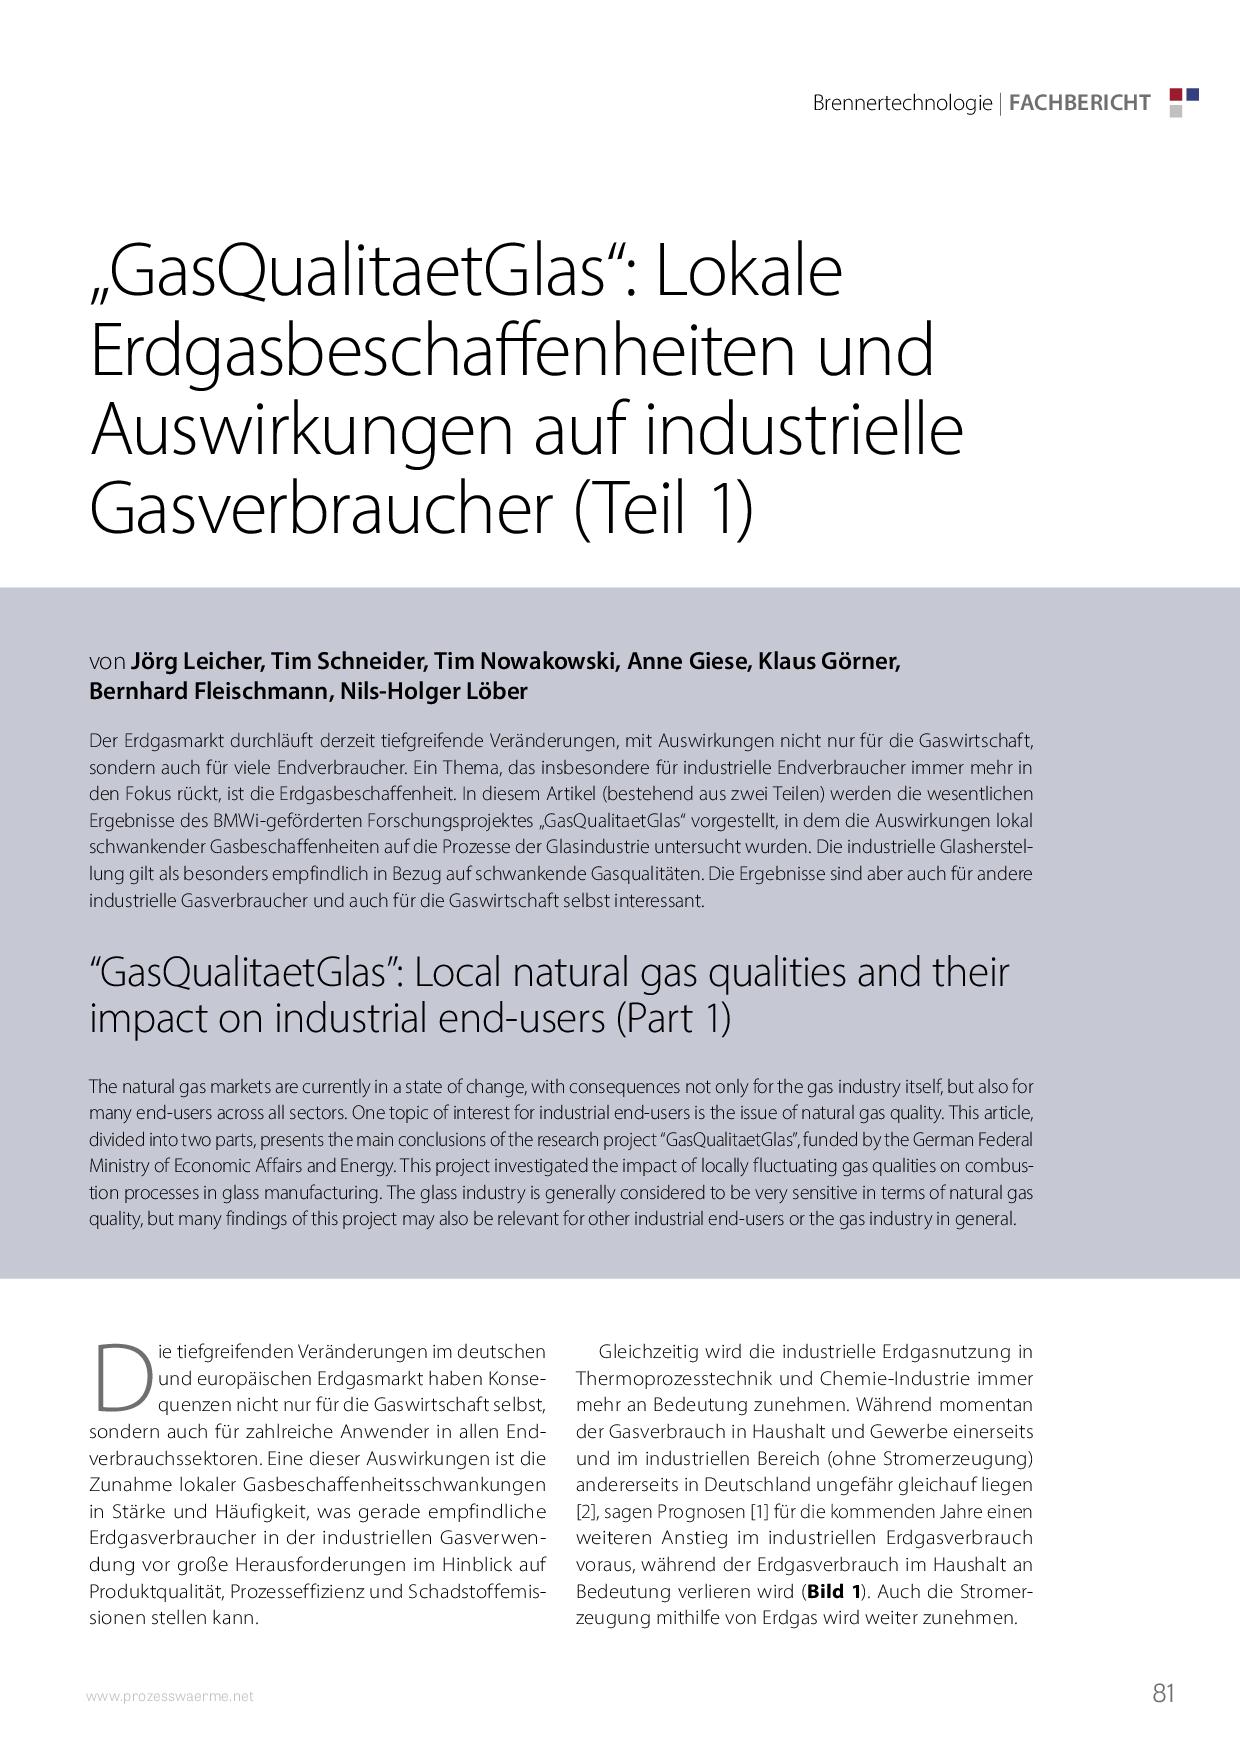 """""""GasQualitaetGlas"""": Lokale Erdgasbeschaffenheiten und Auswirkungen auf industrielle Gasverbraucher (Teil 1)"""